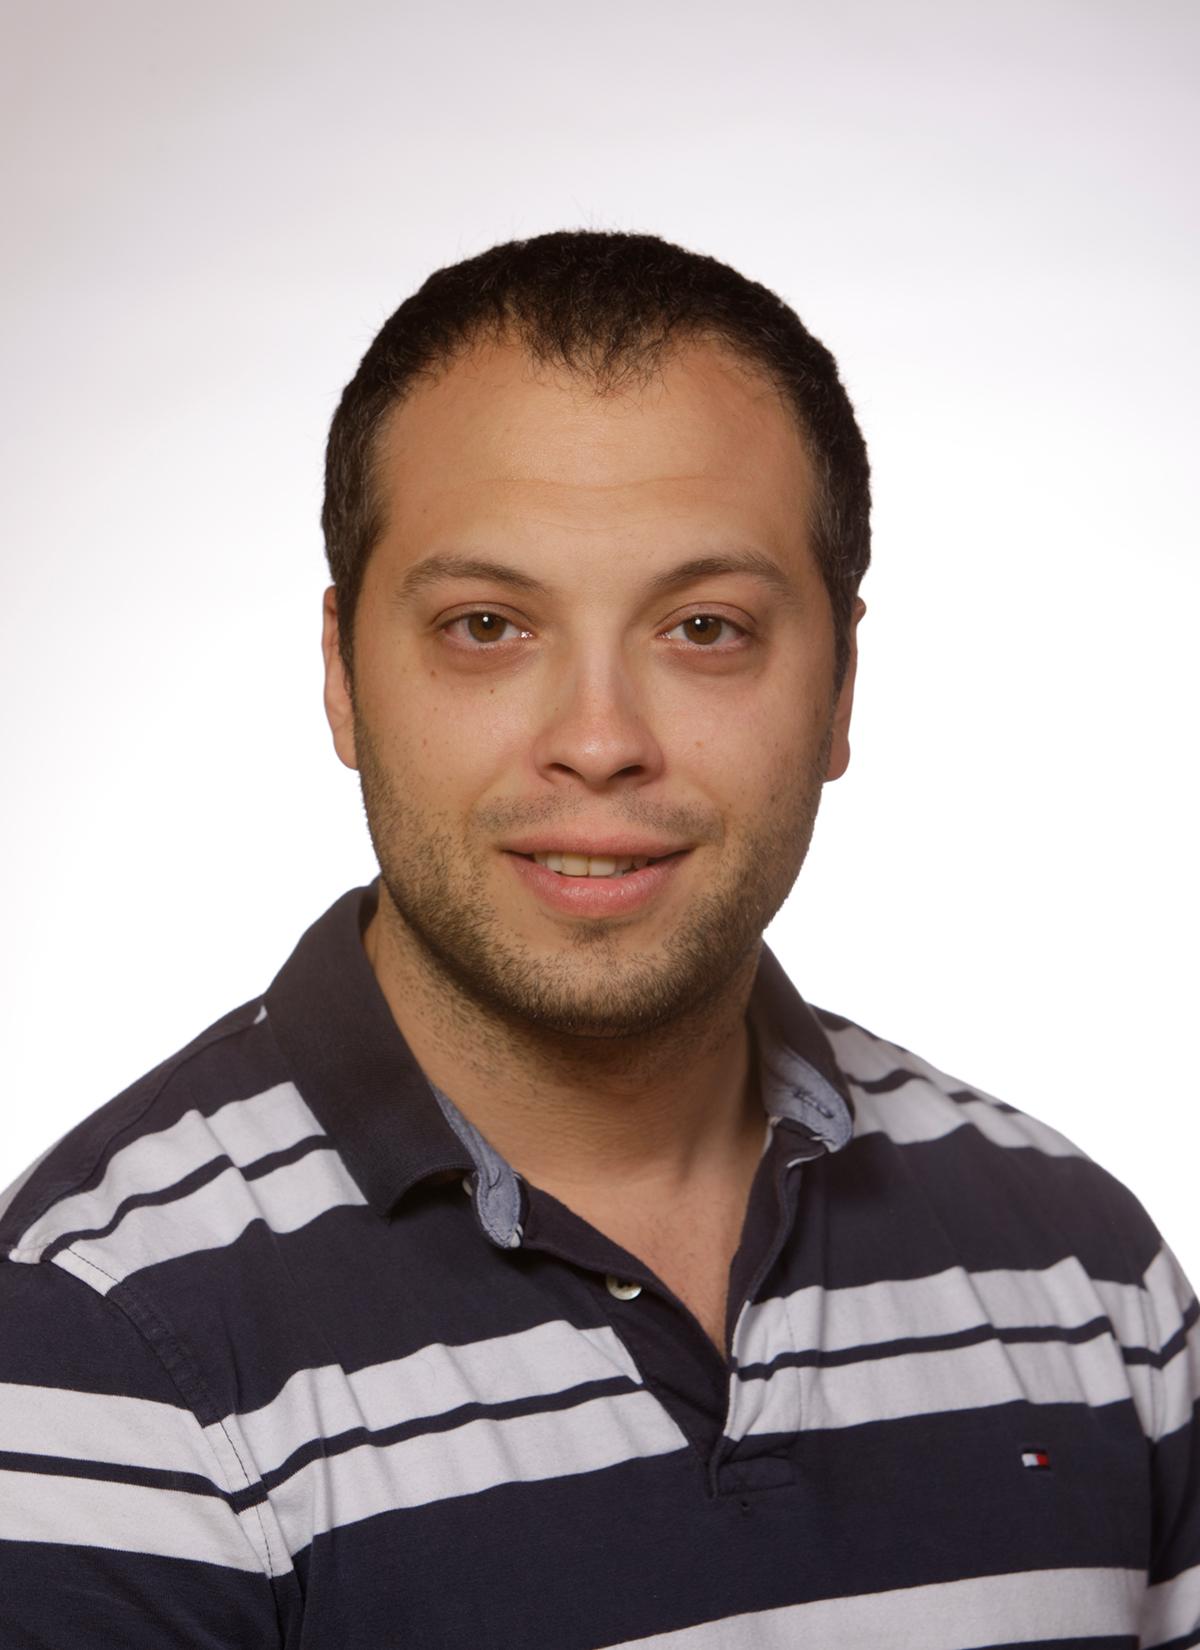 M. Dominic Gauthier